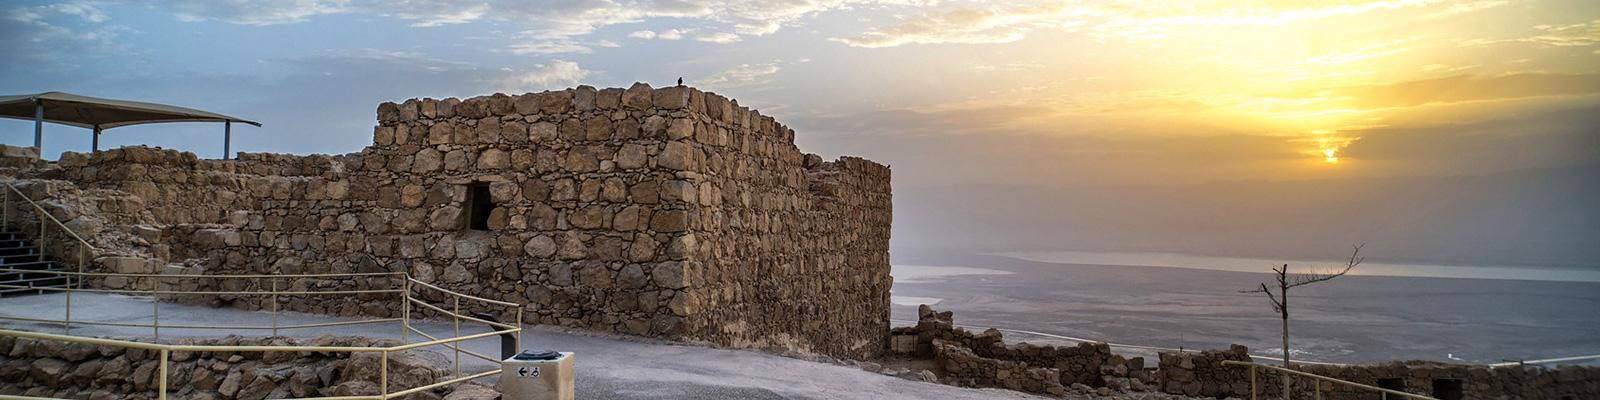 イスラエル 太陽 イメージ